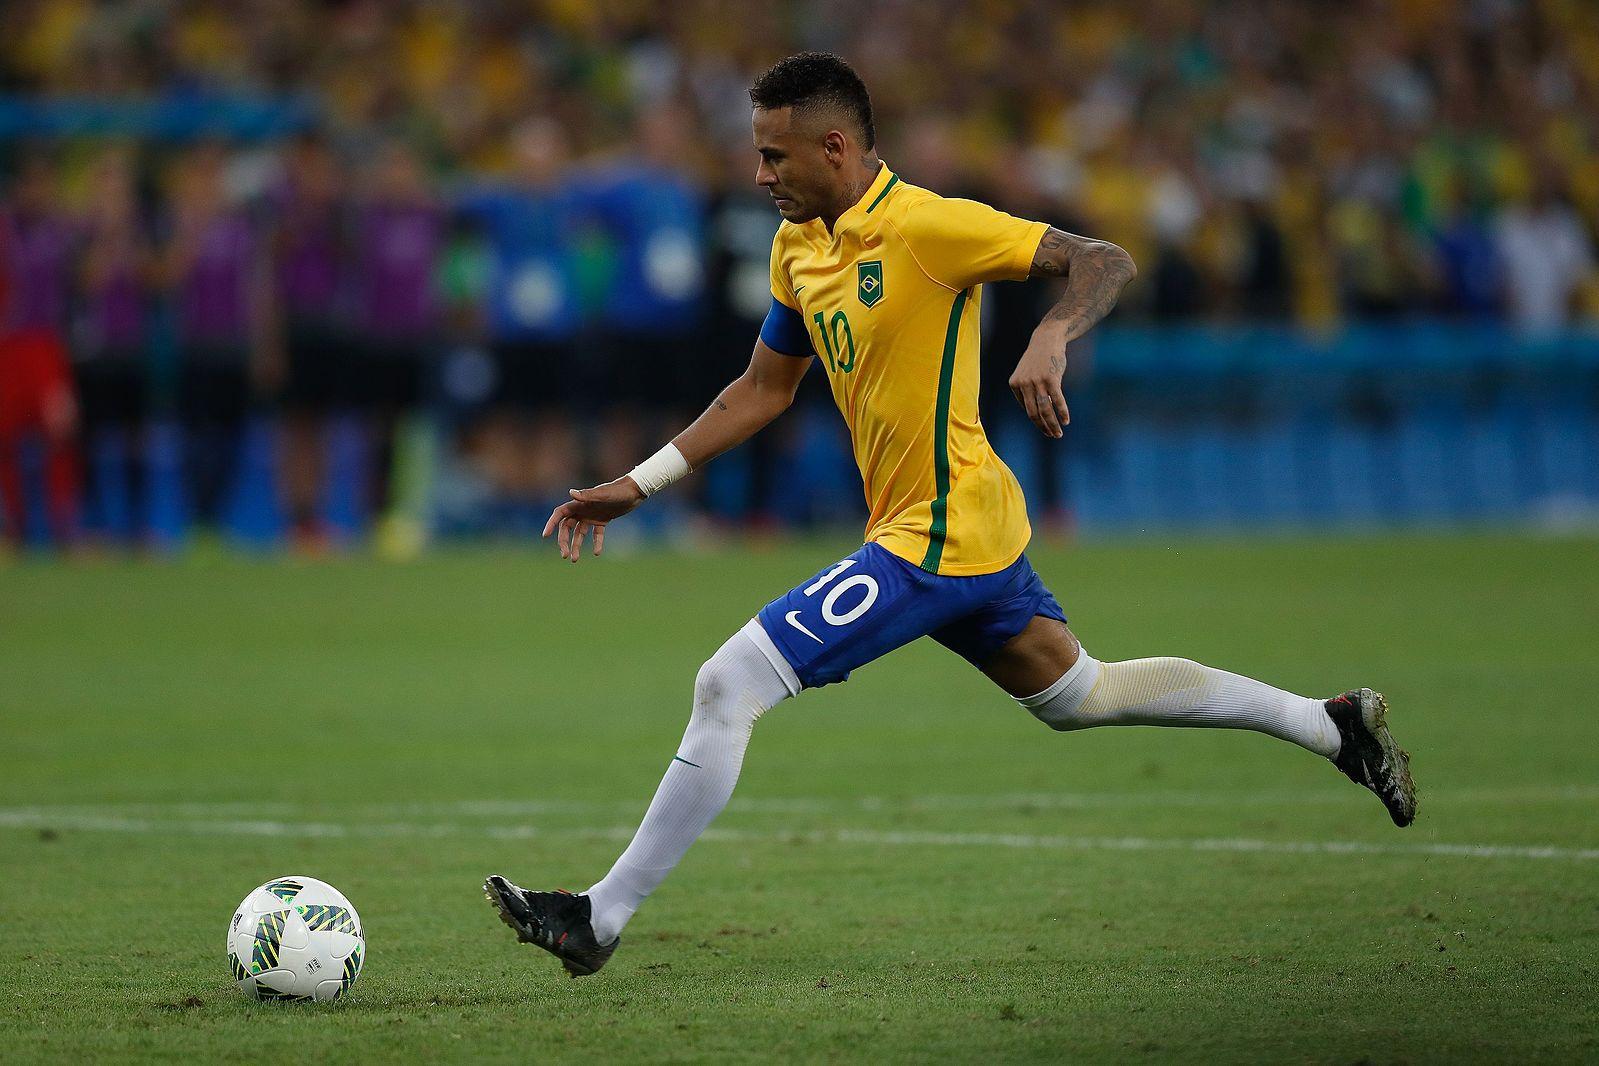 brasil_conquista_primeiro_ouro_olimpico_no_futebol_1039247-20082016-_mg_3424